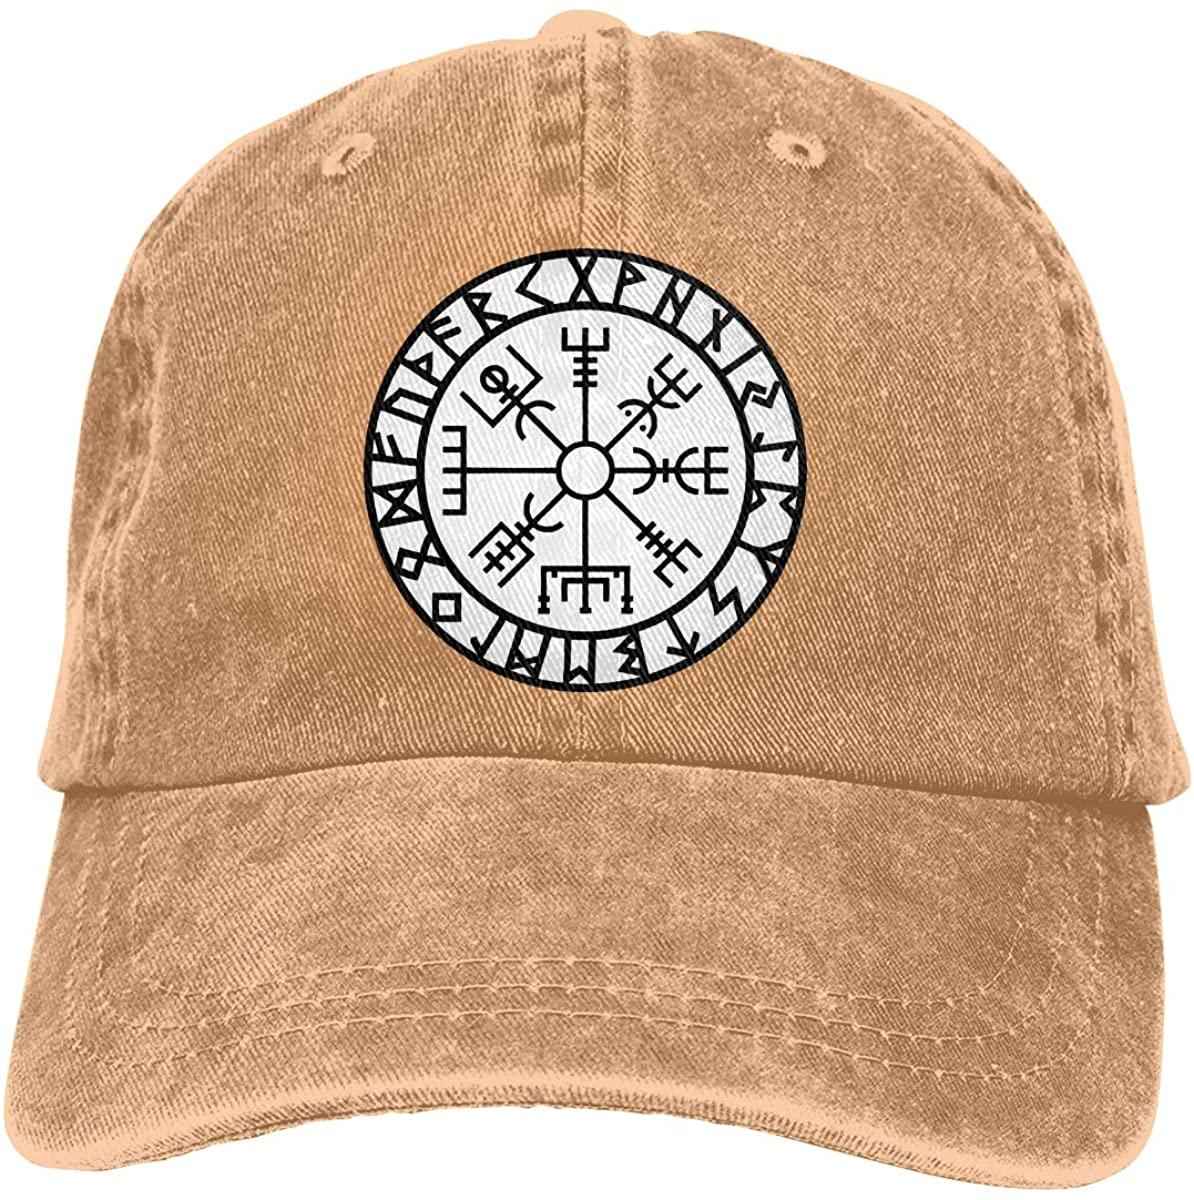 Вегвизир-футark-руны-навигатор-викинги Унисекс Взрослые бейсболки ковбойские шапки джинсовые шапки шапка для папы